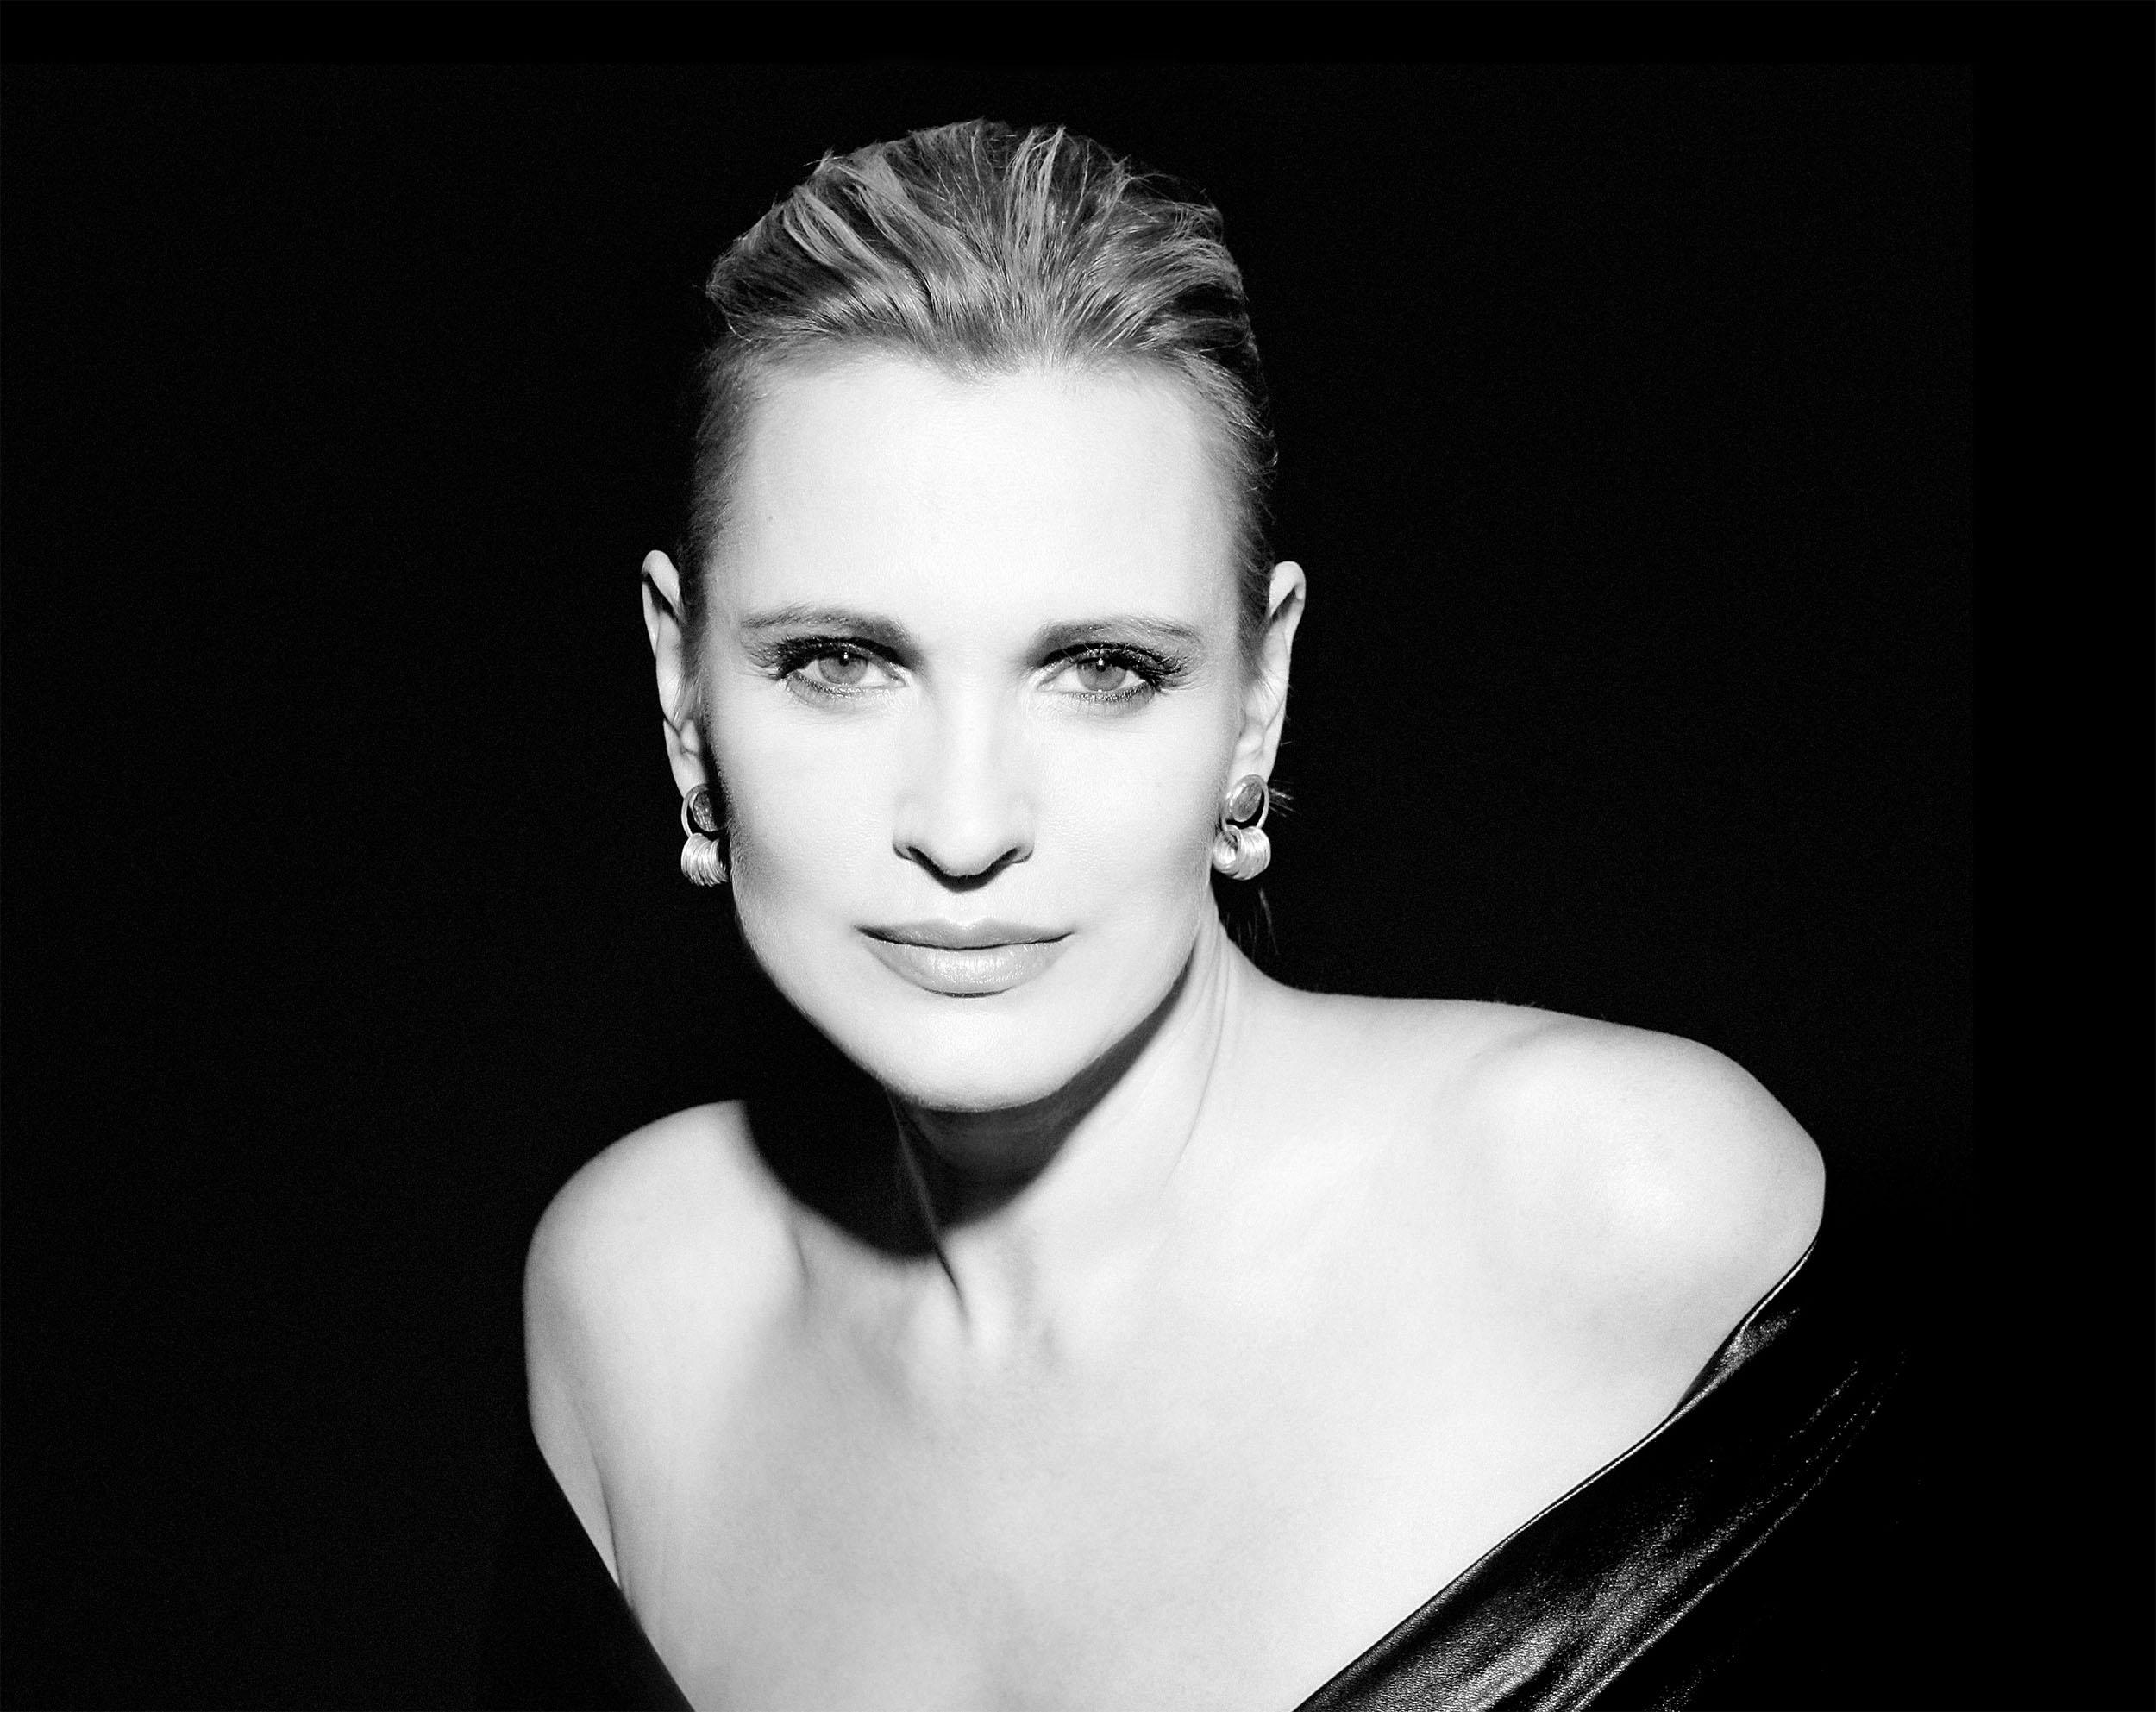 AINHOA ARTETA & ORQUESTRA SIMFÒNICA CAMERA MUSICAE